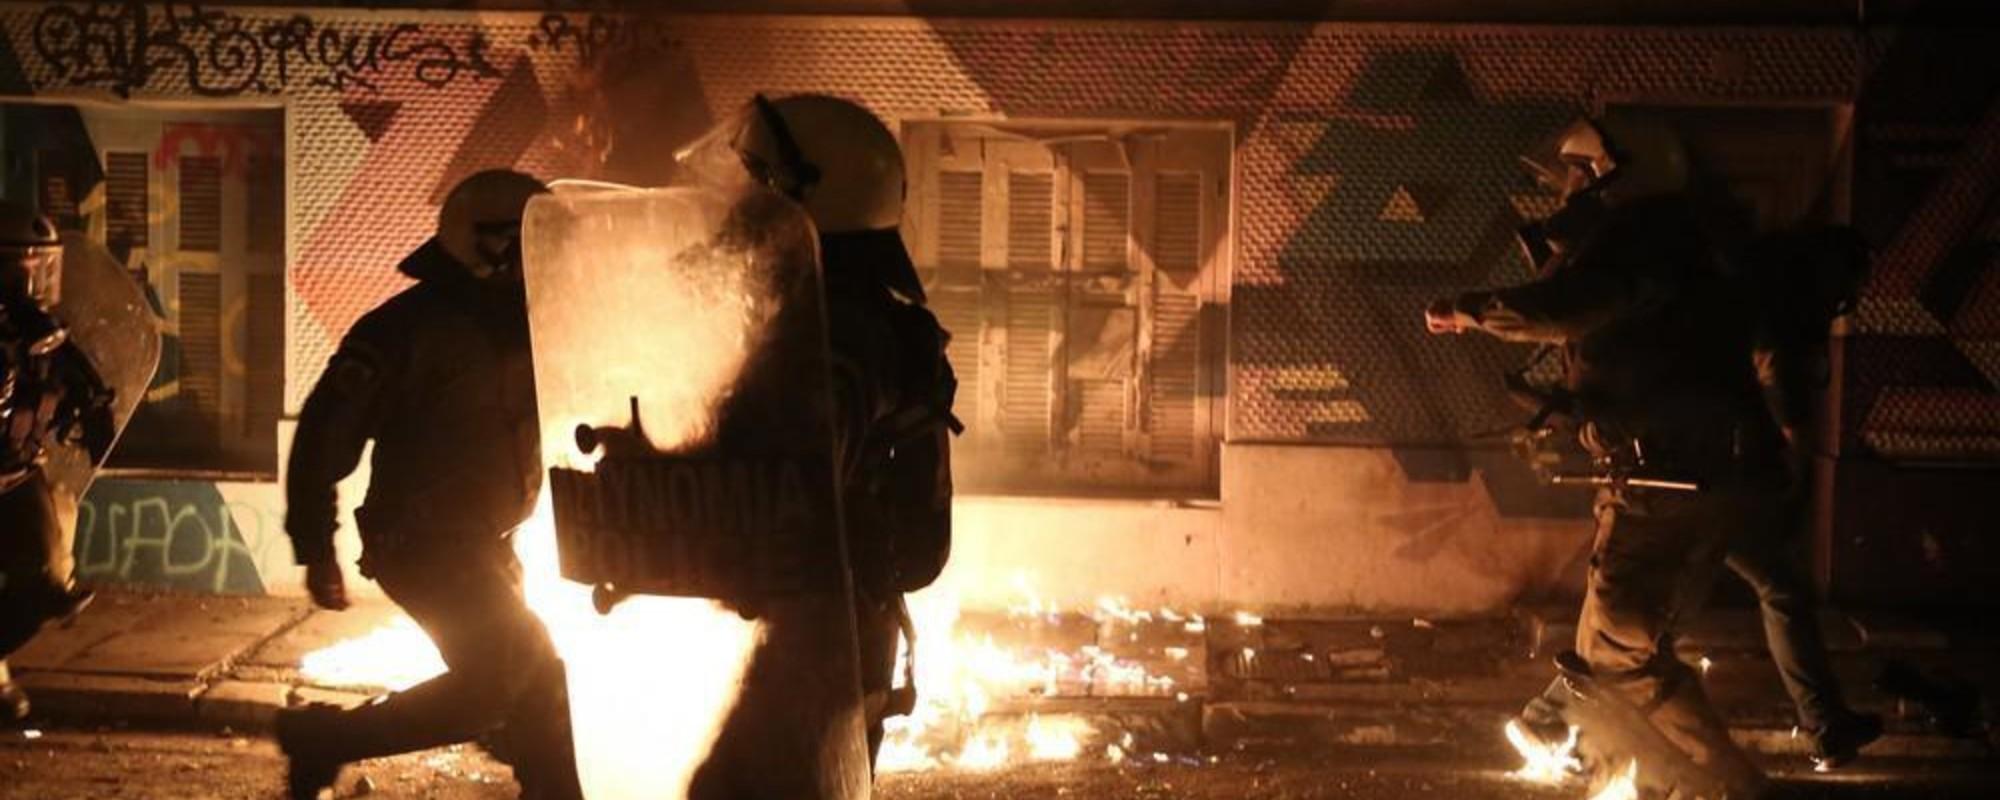 Grecii l-au întâmpinat pe Obama cu gaze lacrimogene și cocktailuri molotov